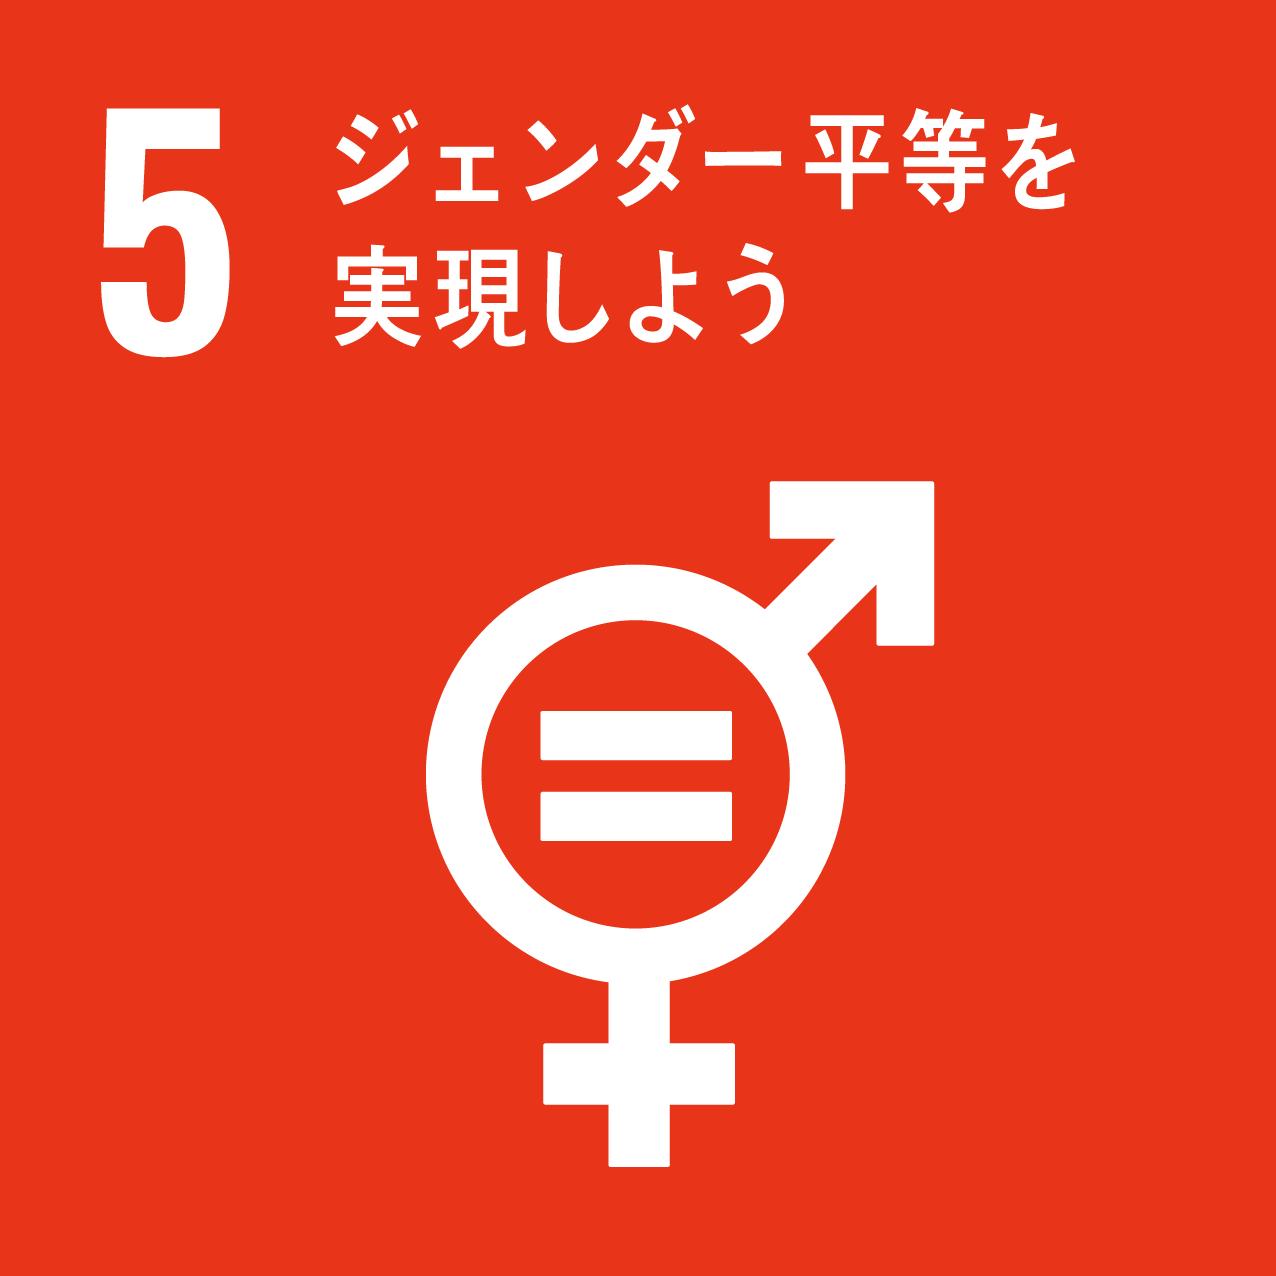 05_ジェンダー平等を実現しよう